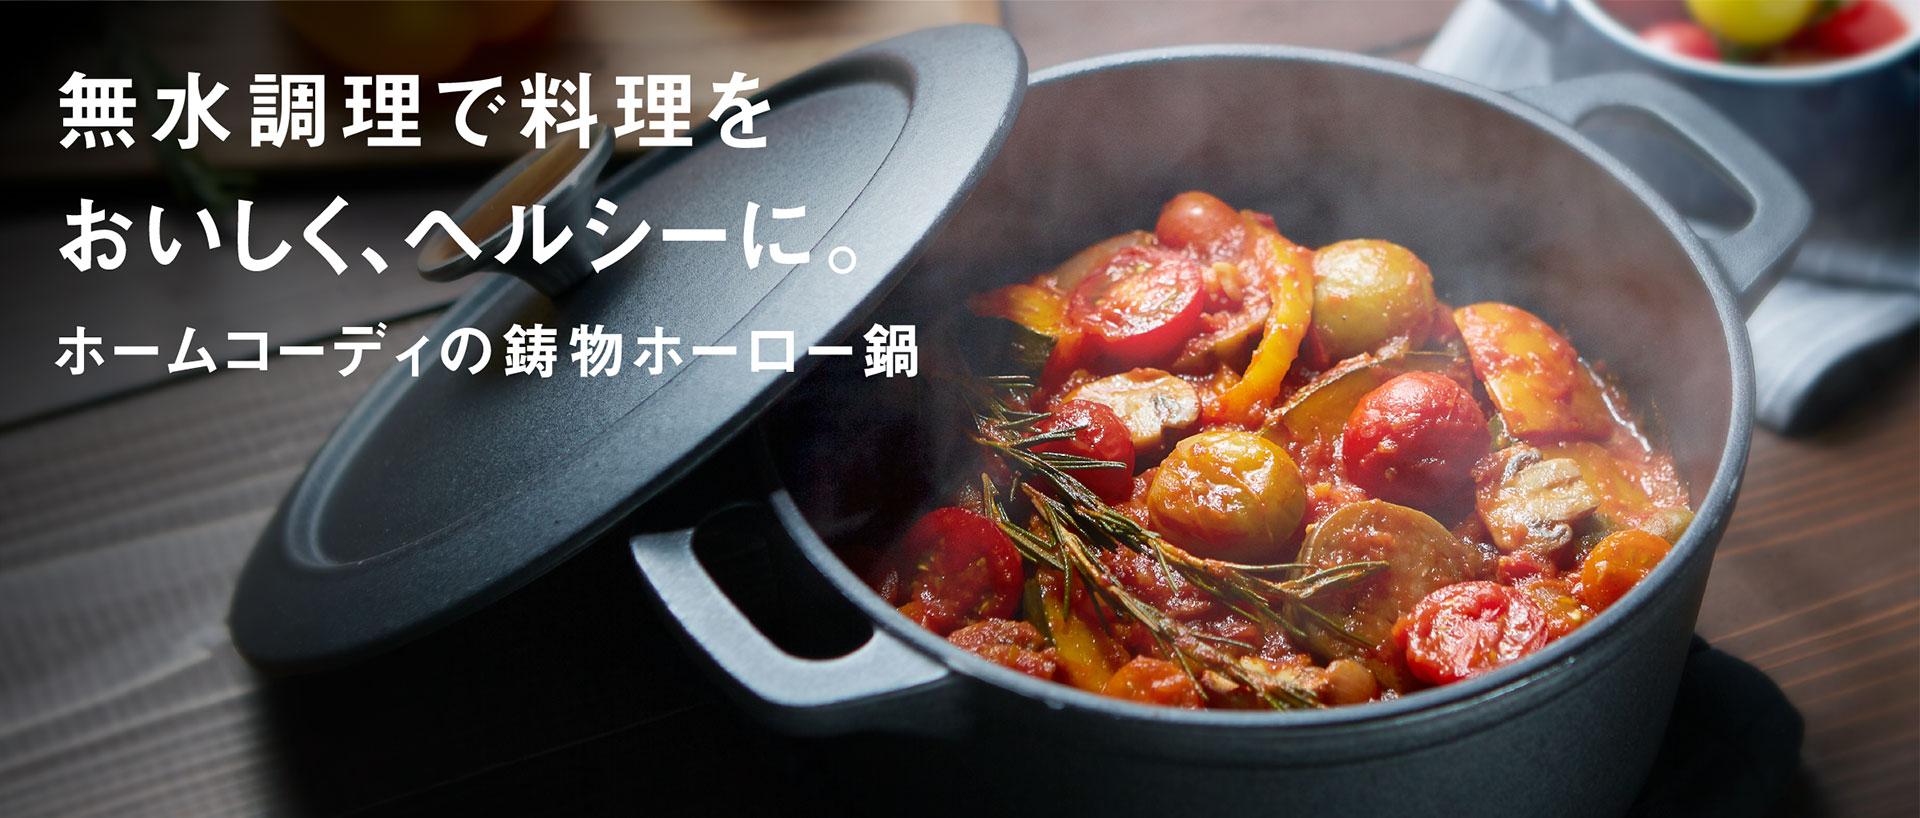 無水調理で料理をおいしく、ヘルシーに。ホームコーディの鋳物ホーロー鍋